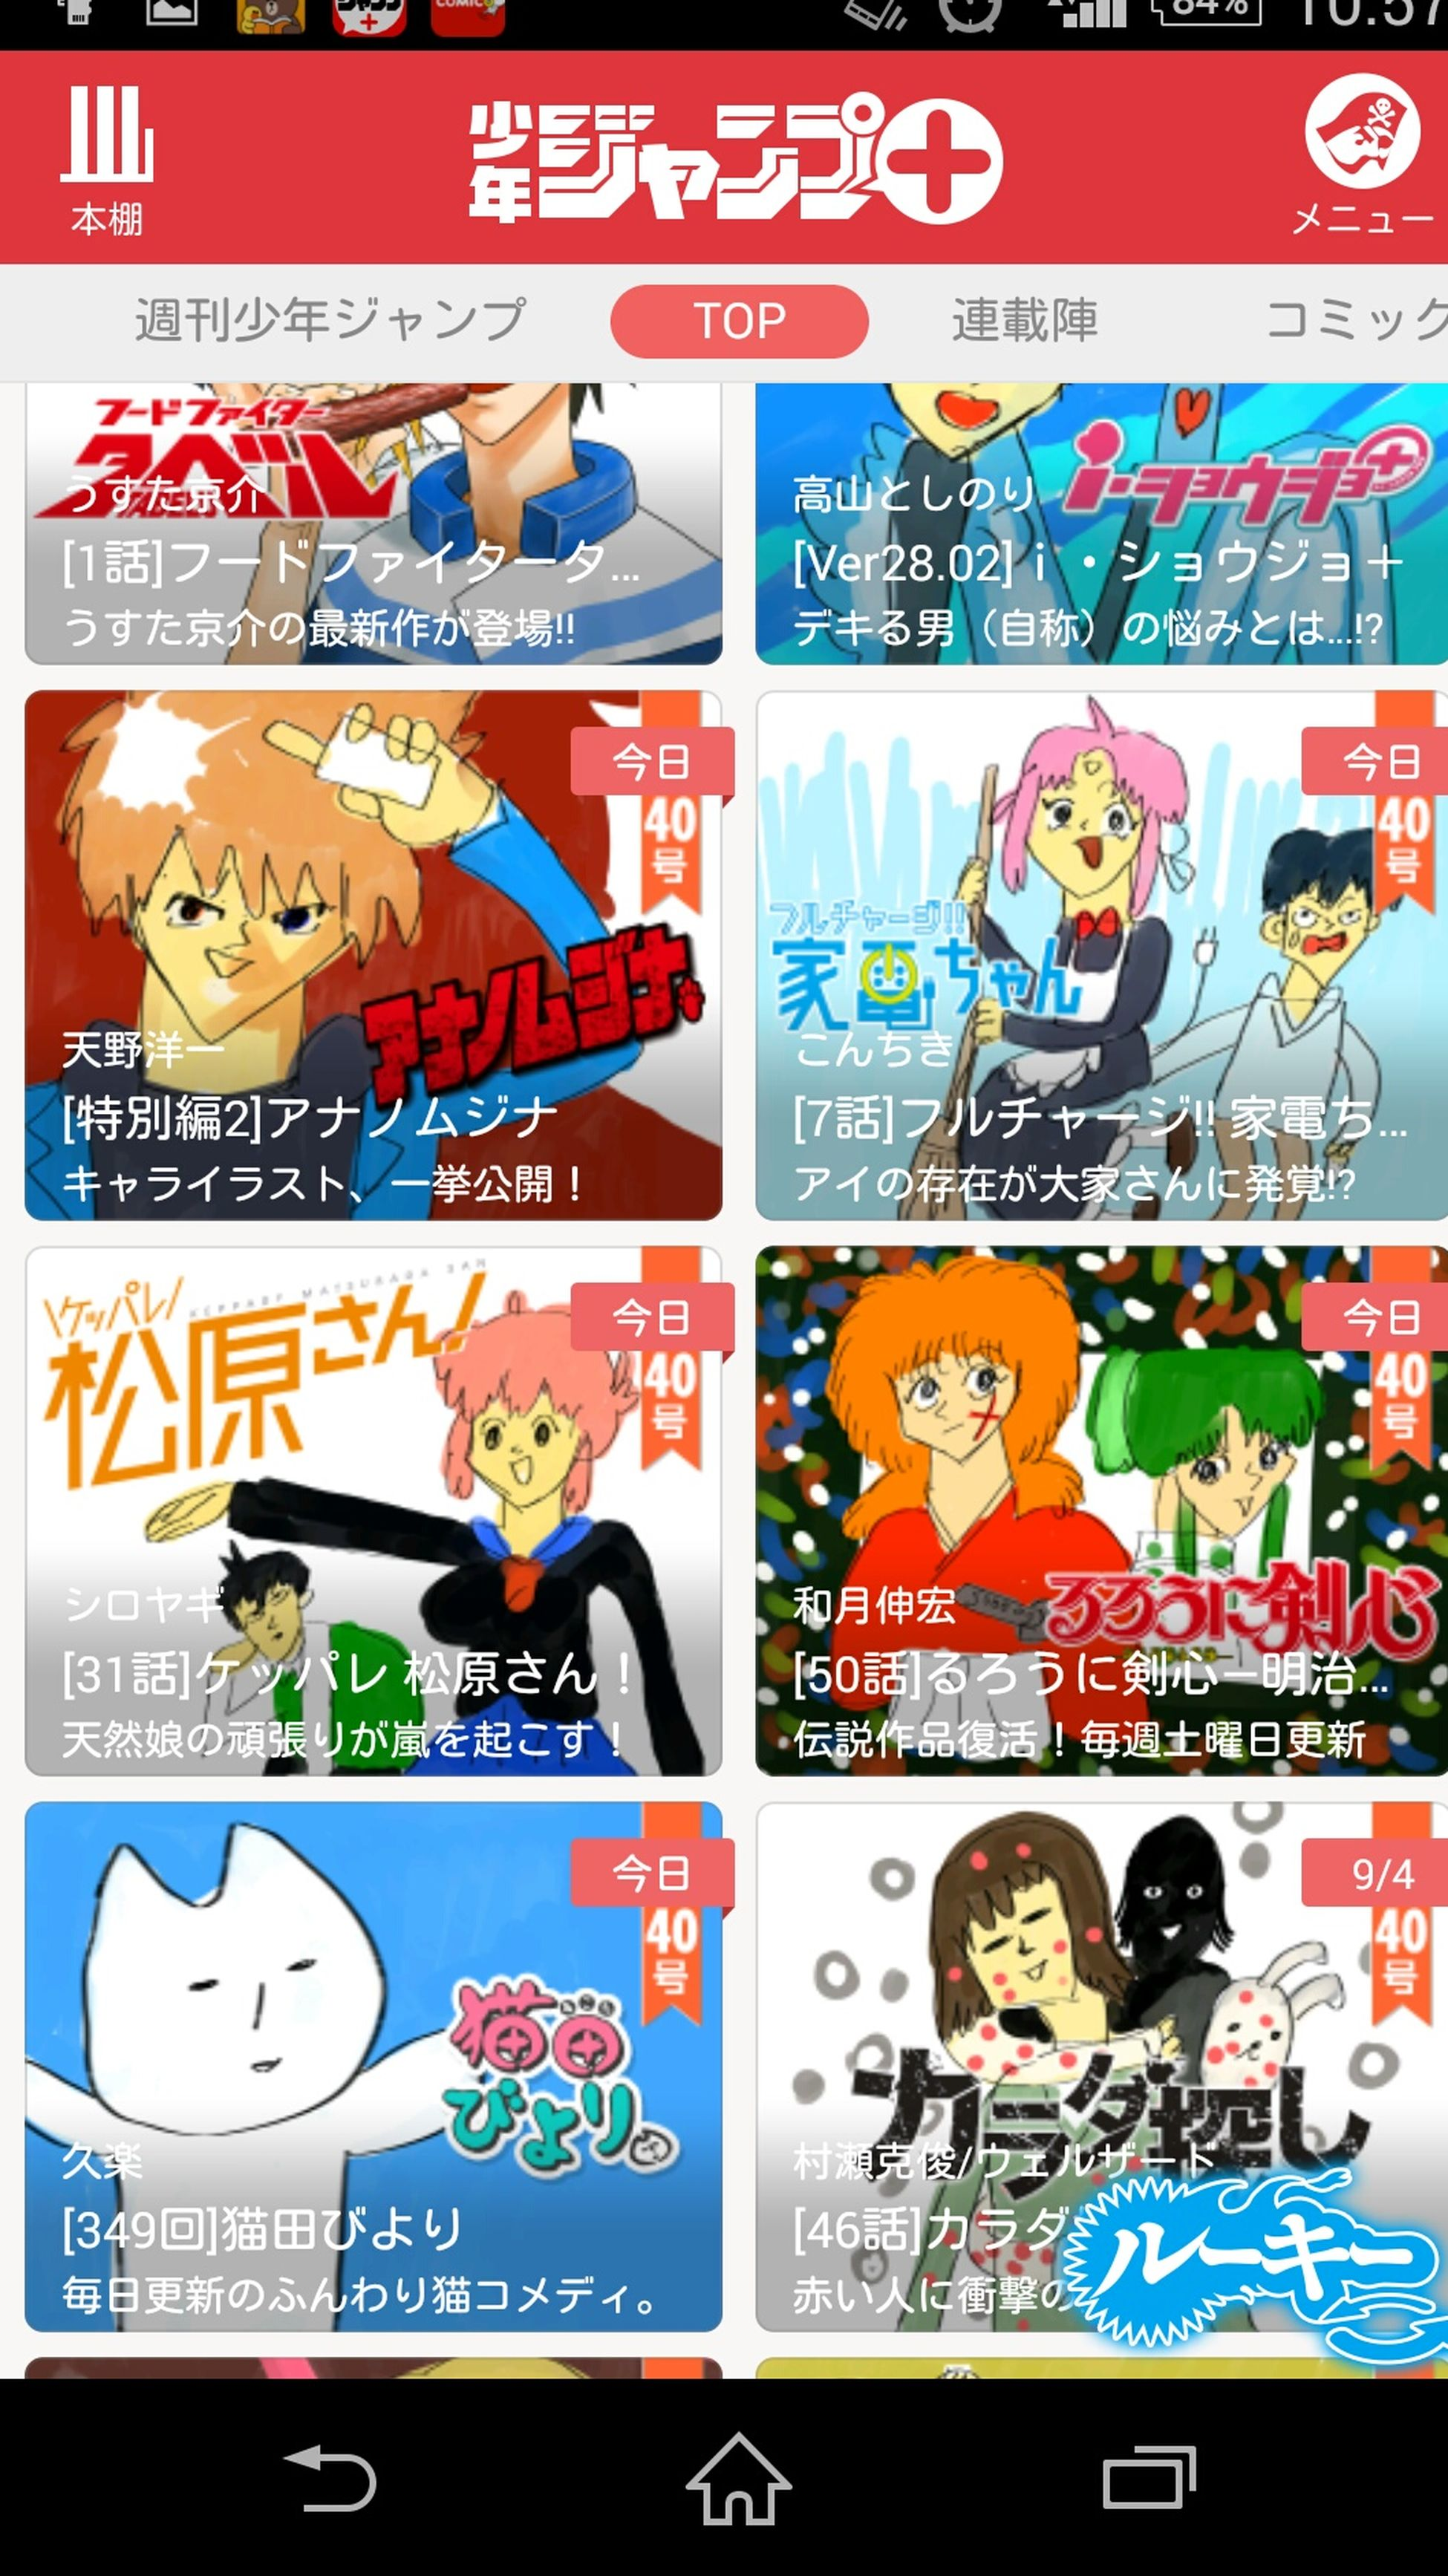 うすたジャックヤバイ! うすた京介 Omg! Excited Manga Comic